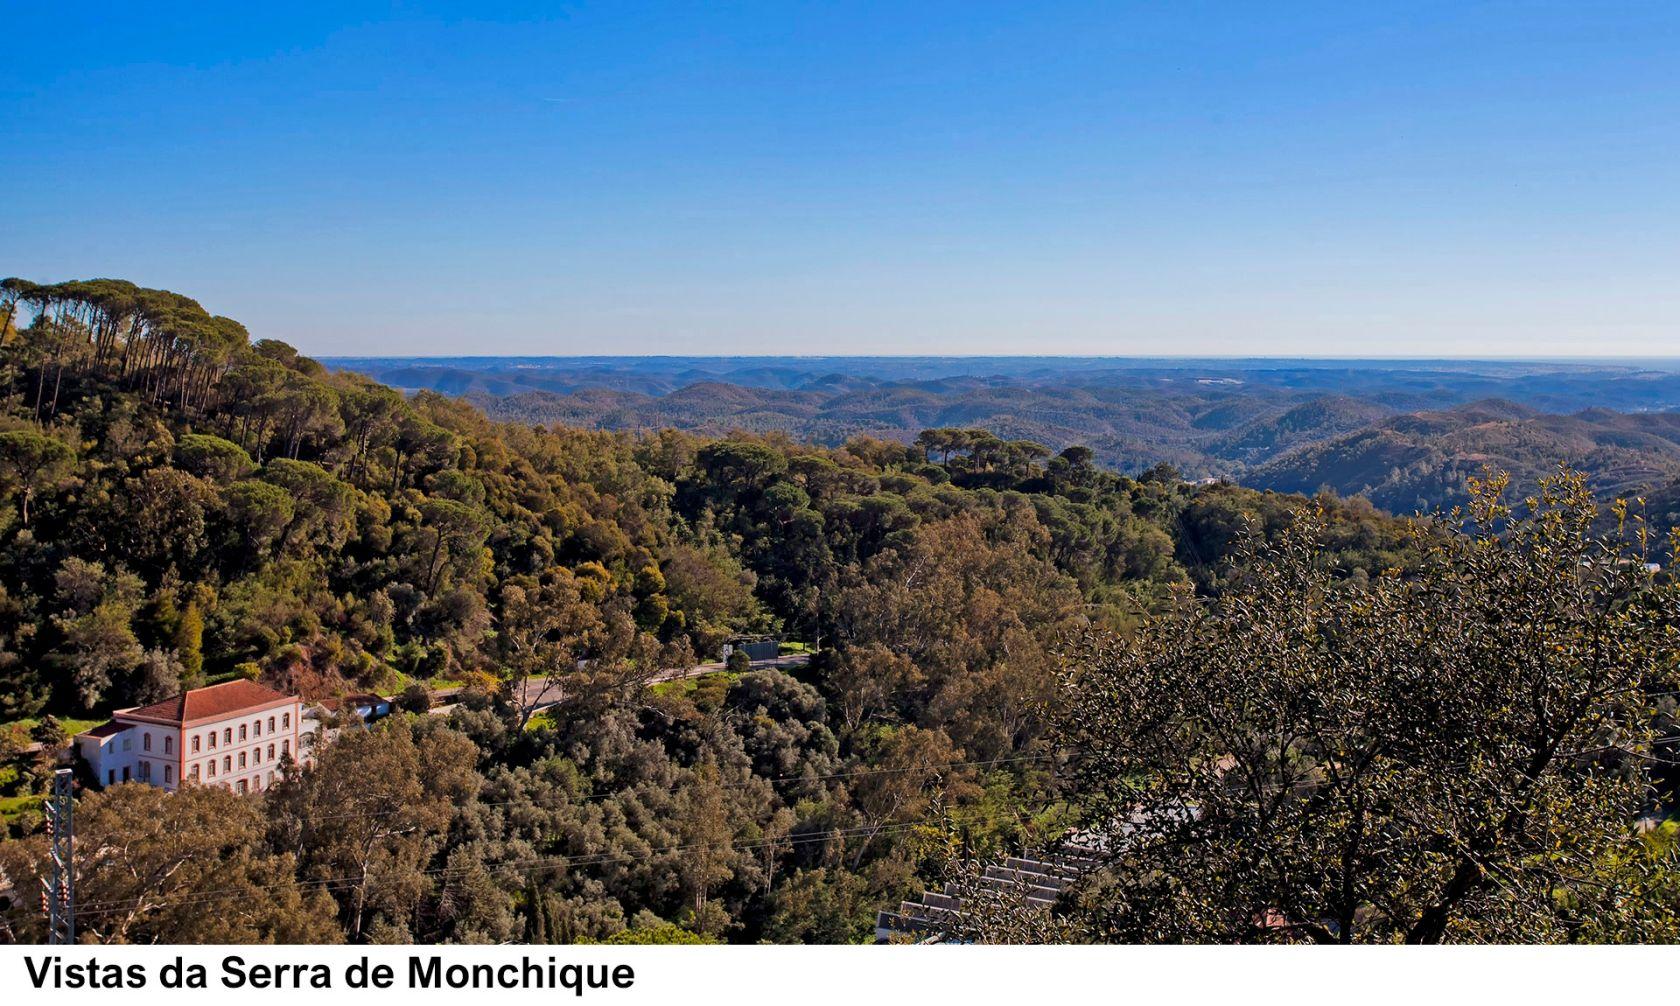 Vistas da Serra de Monchique